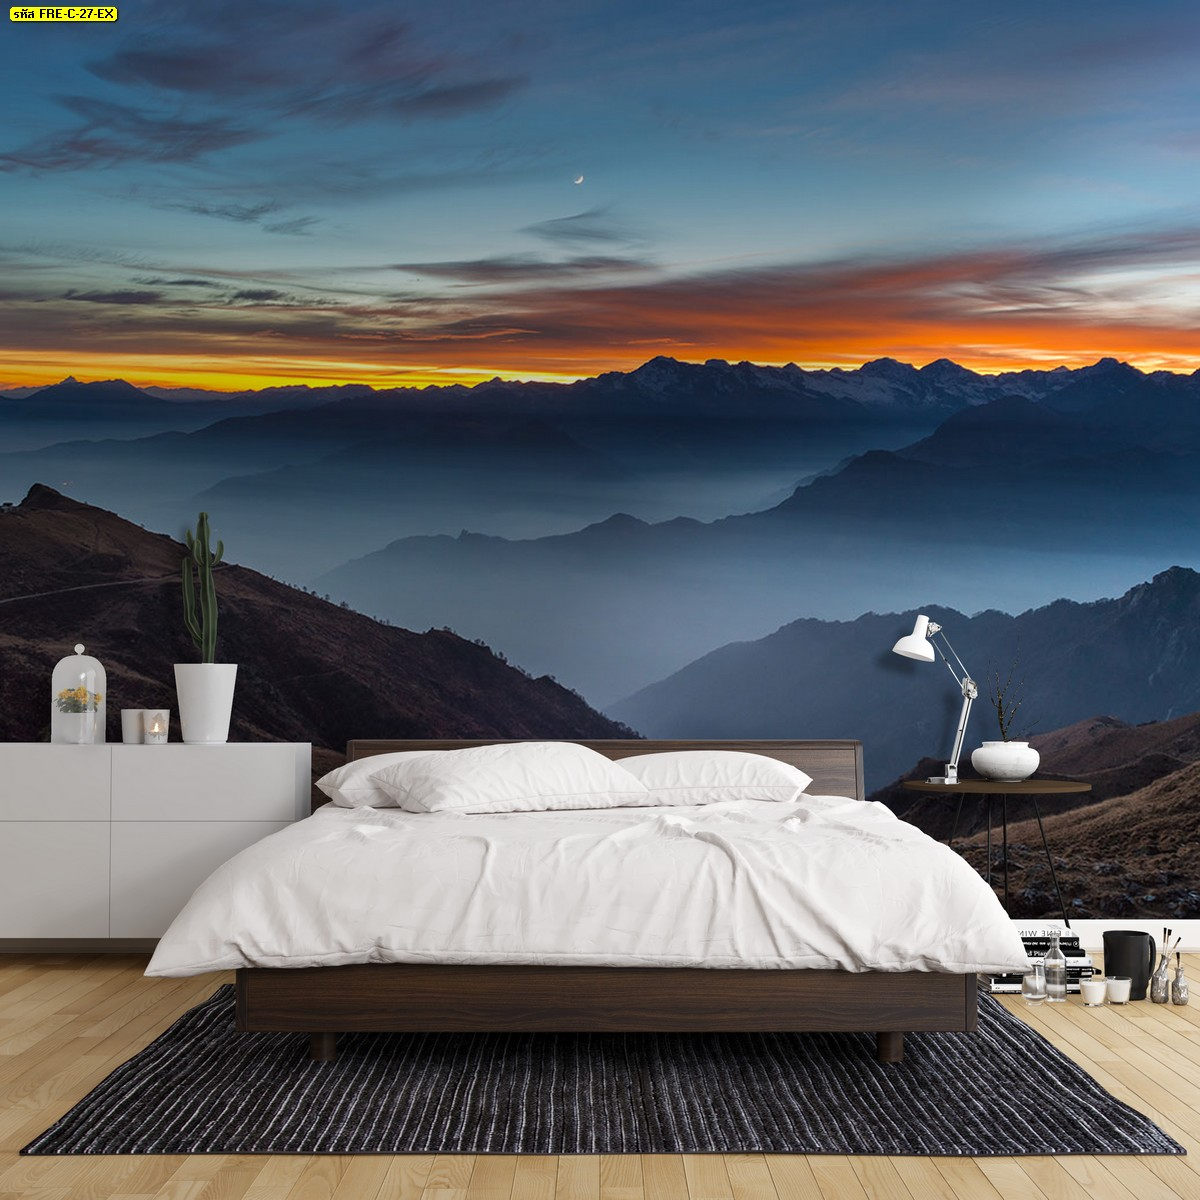 ตกแต่งห้องนอนแบบเรียบง่าย สั่งทำรูปติดผนังลายธรรมชาติภูเขาและพระอาทิตย์ตกดิน